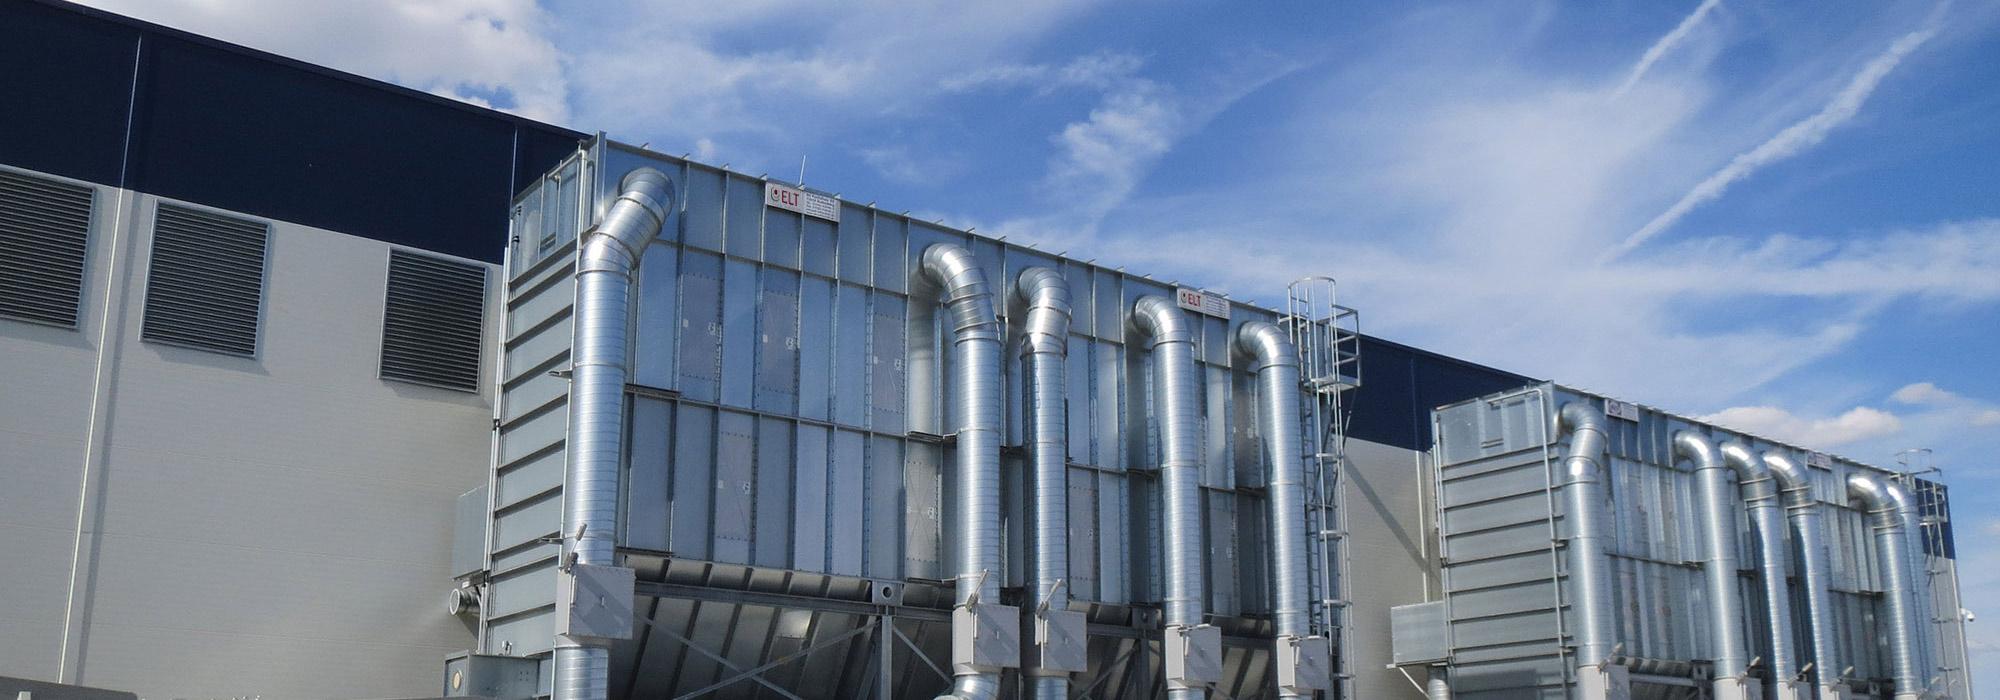 ELT Entstaubungs- & Lufttechnik - Reihenfilteranlage